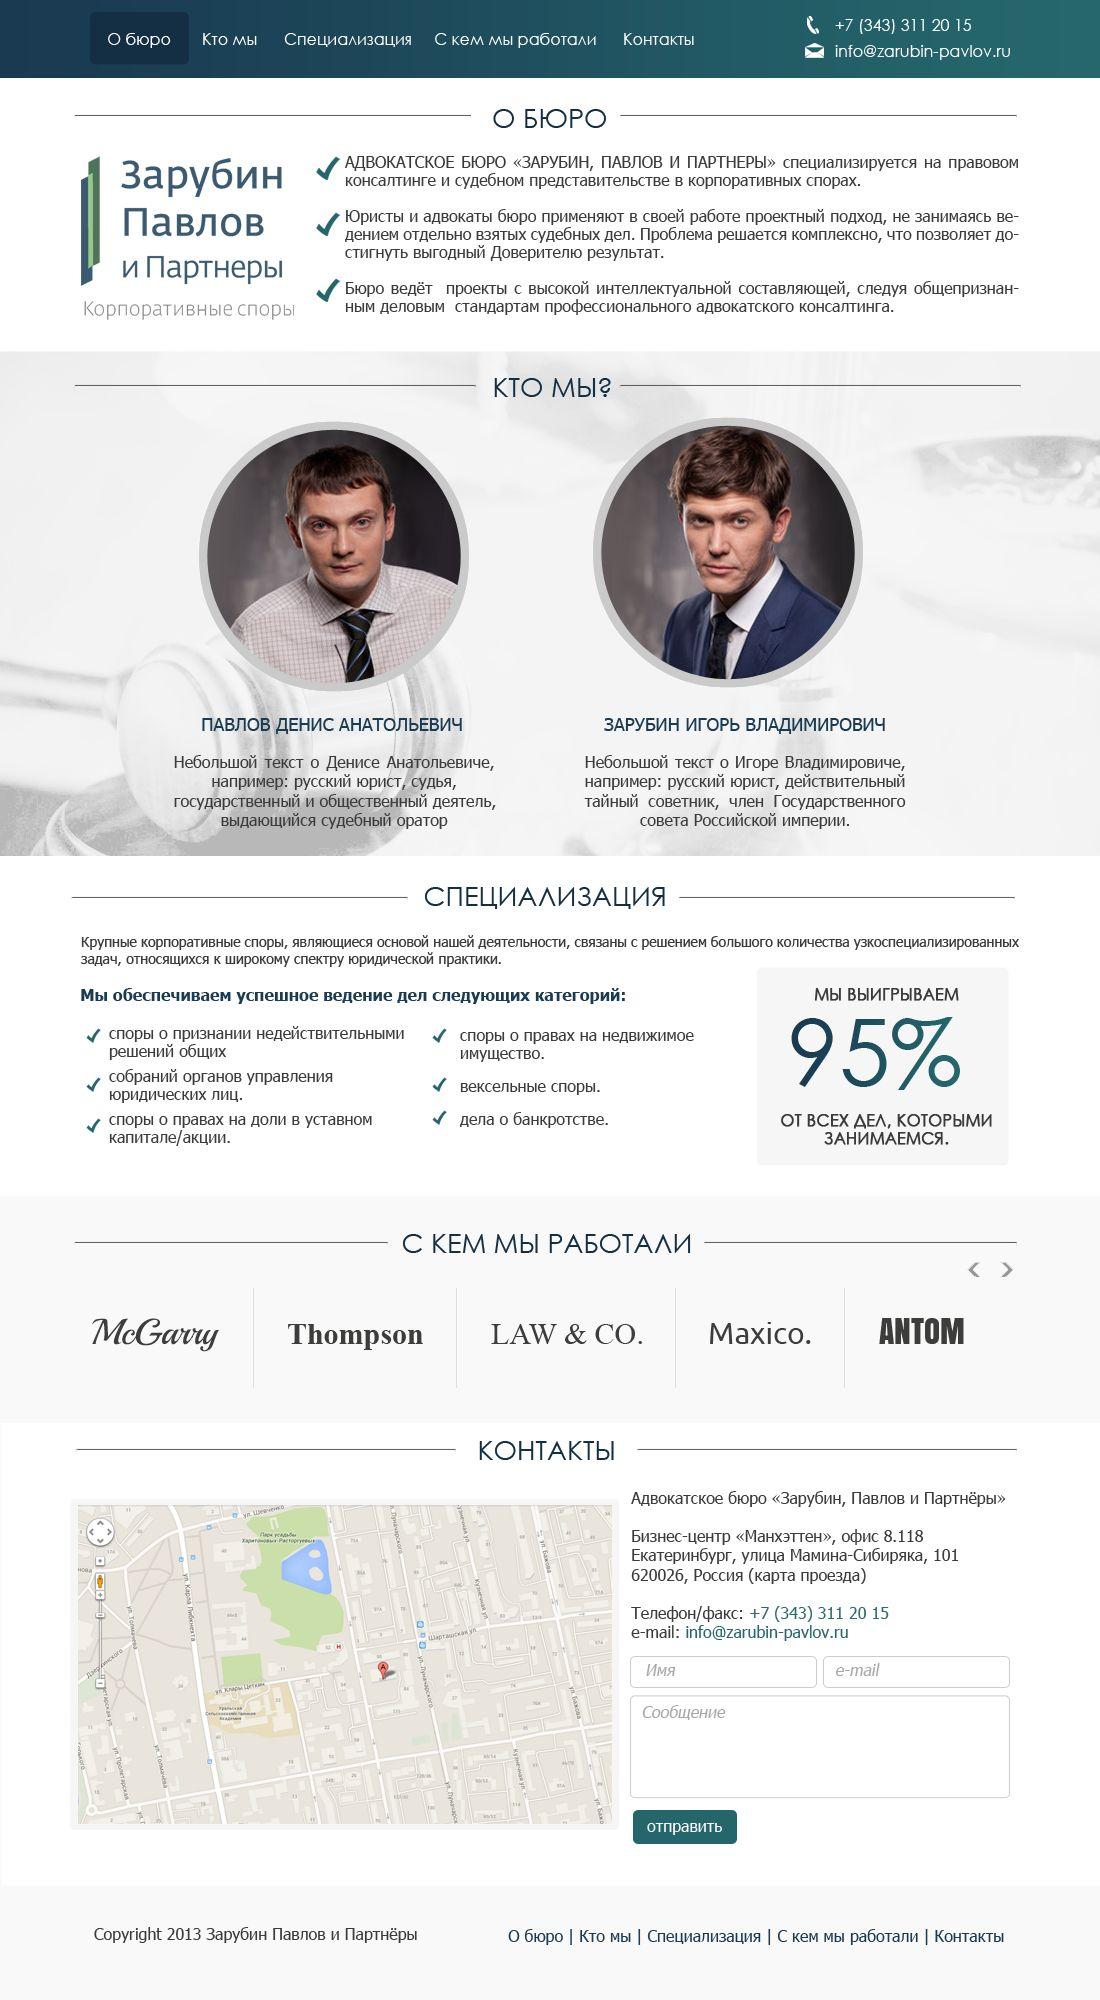 Дизайн сайта для адвокатского бюро. - дизайнер Wiko44ka